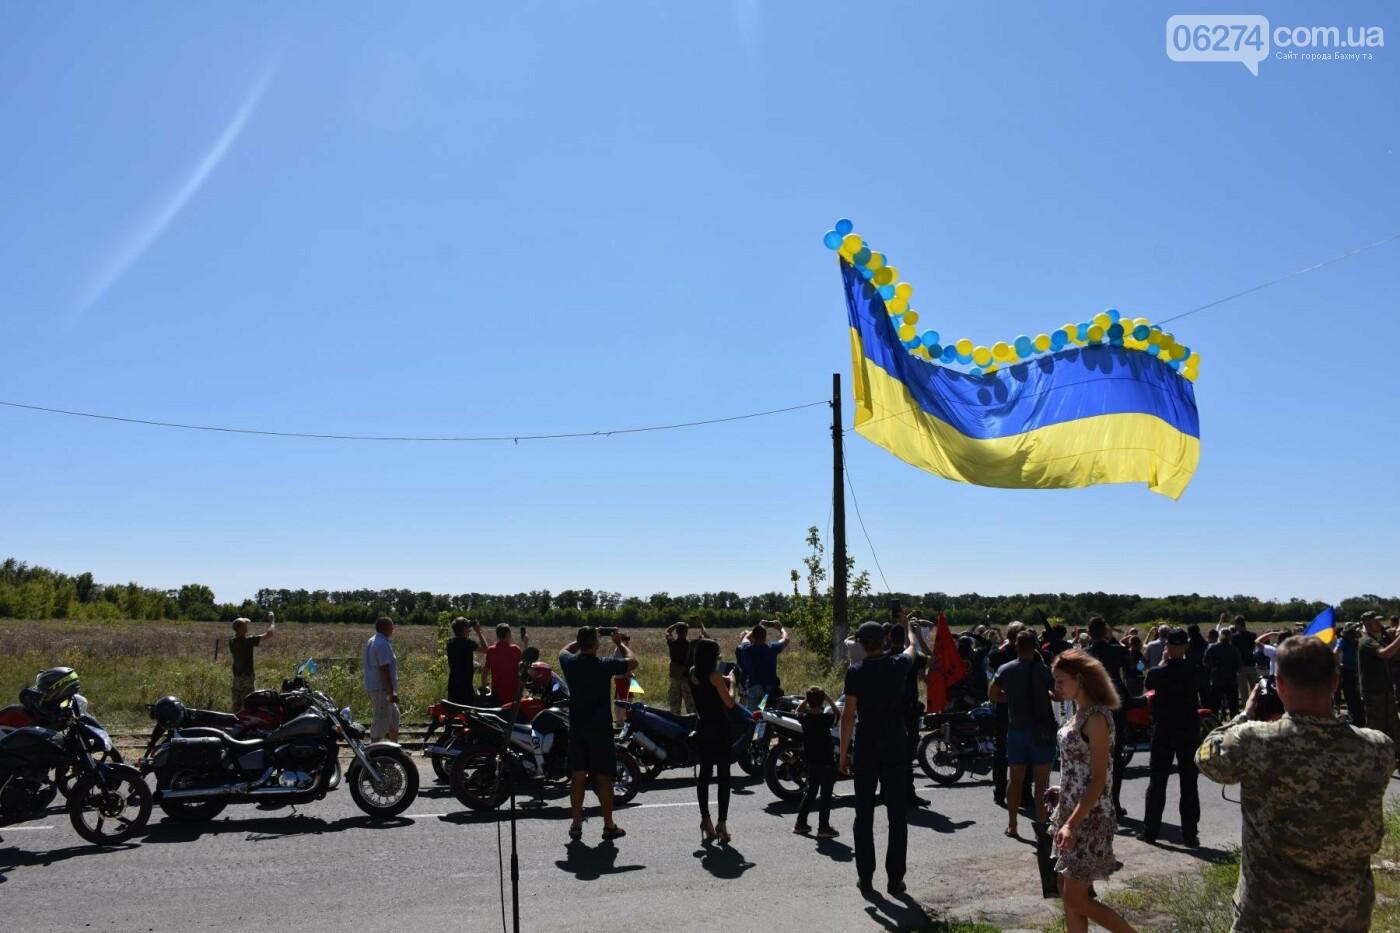 Бахмутчанка сшила флаг Украины для жителей оккупированных территорий, фото-6